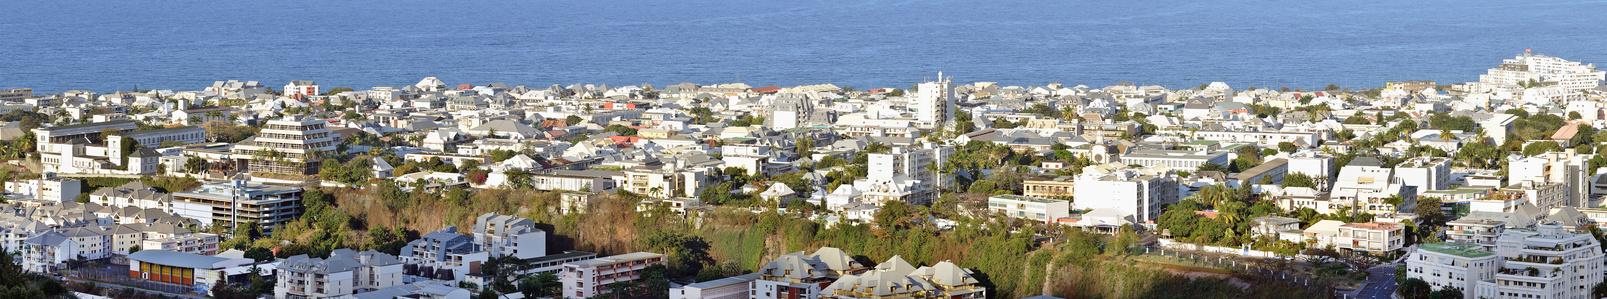 Avec ses 130.000 habitants, Saint-Denis-de-La-Réunion est la plus grosse métropole de l'Outre Mer français